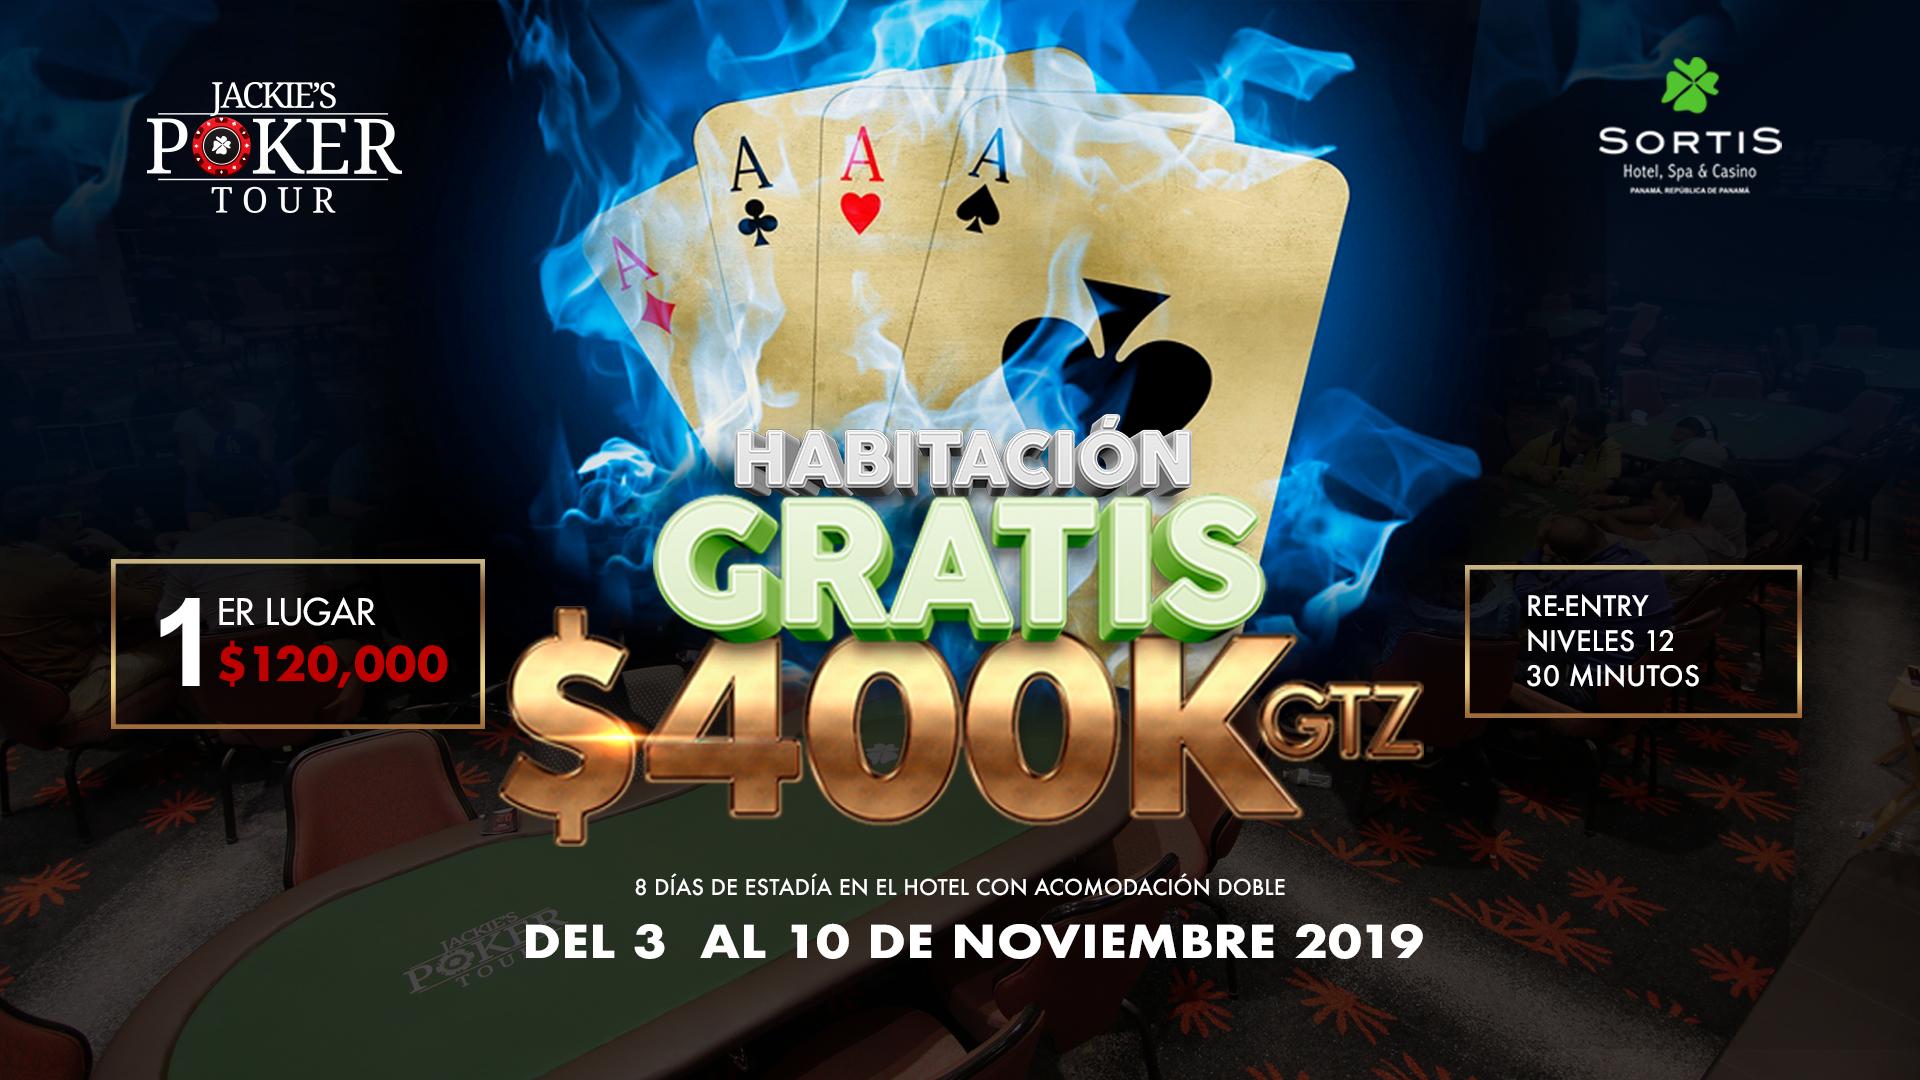 Jackie's Poker Tour con $400K GTZ